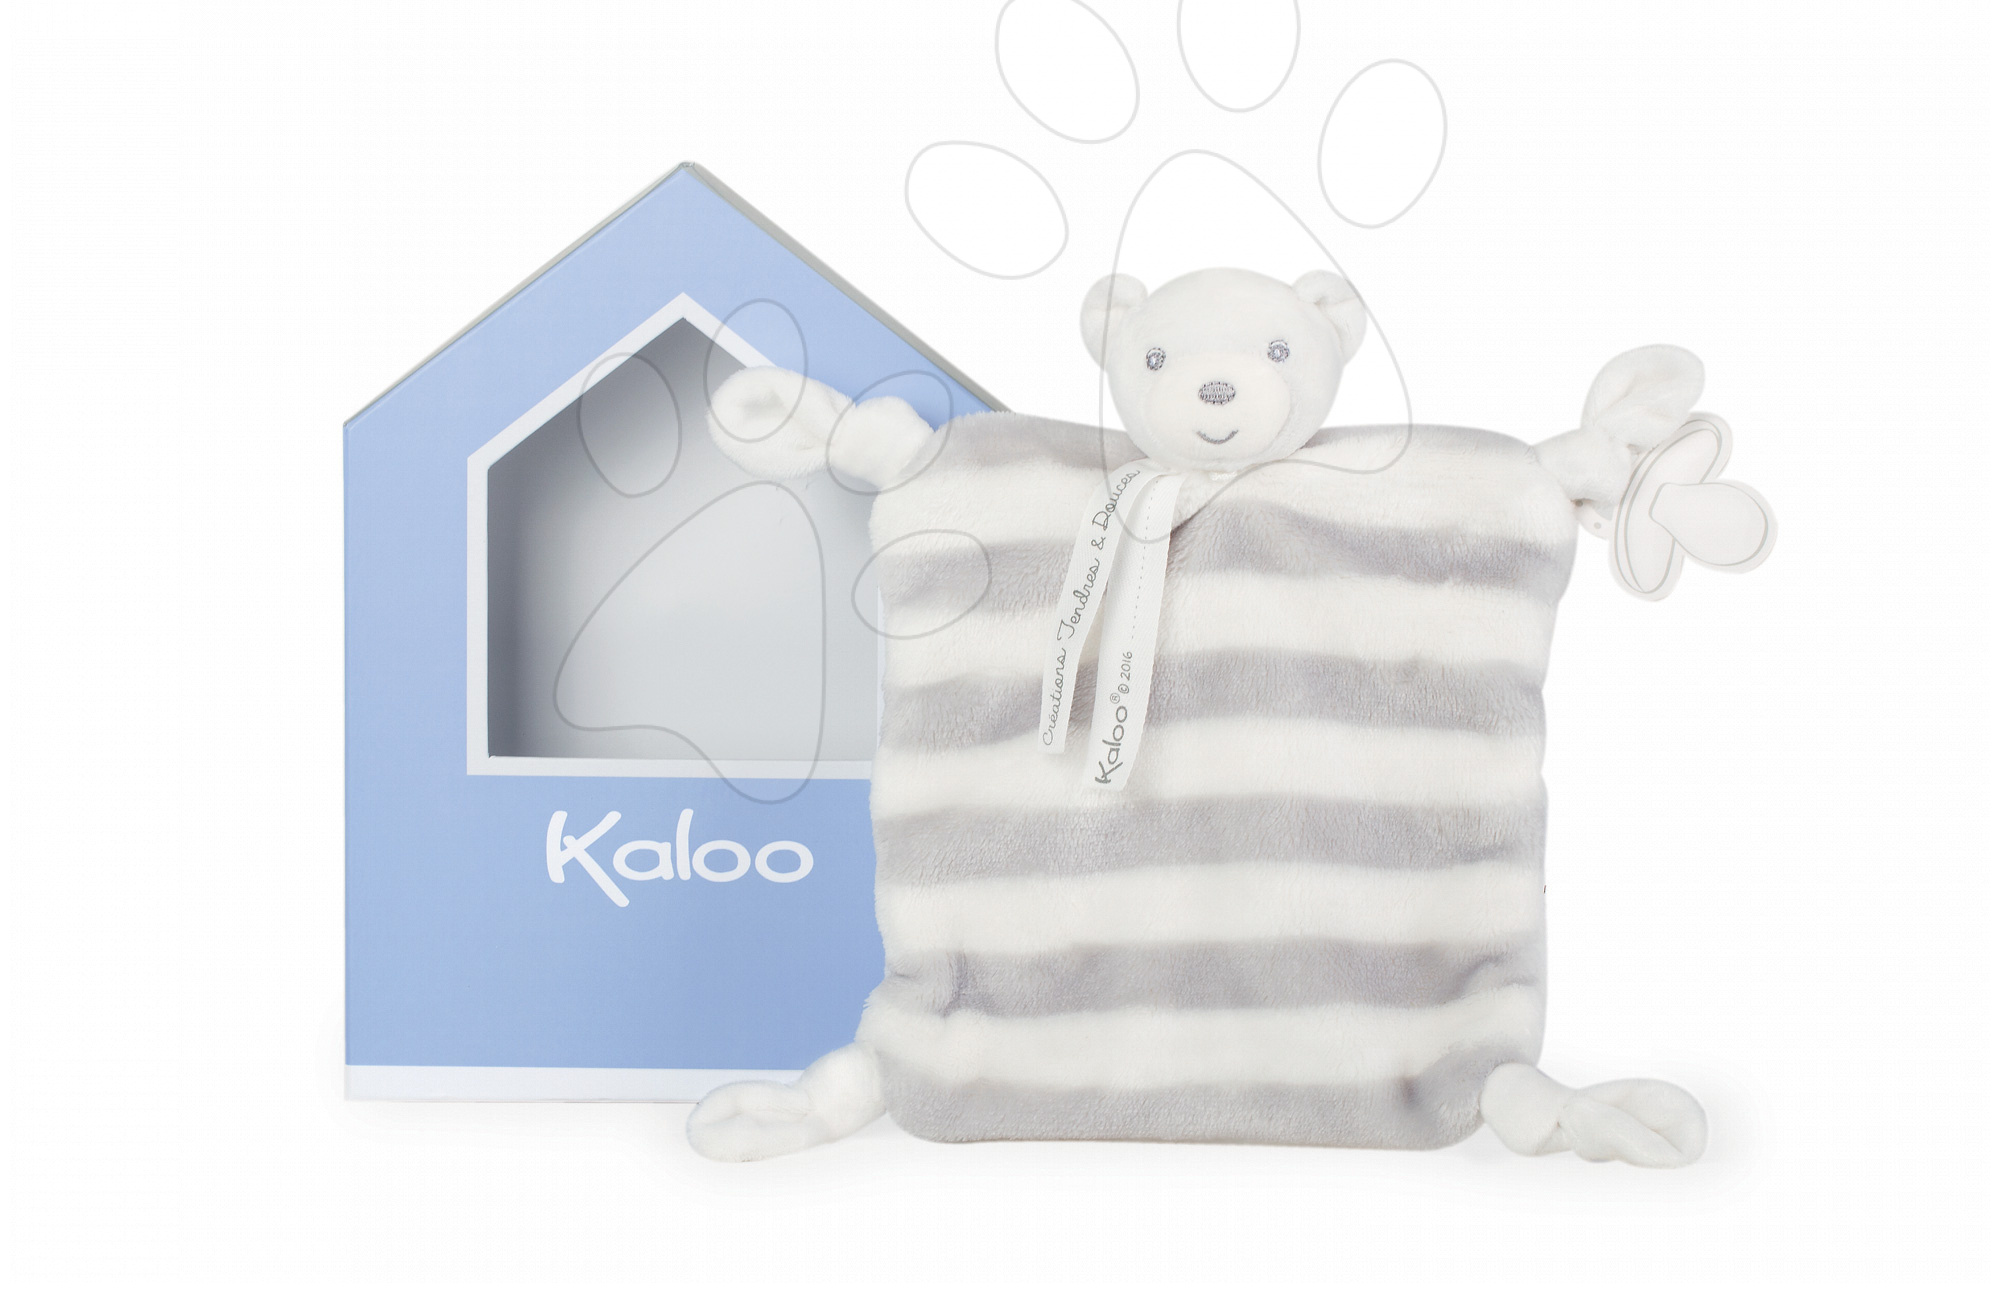 Plyšový medvedík na maznanie Bebe Pastel Doudou Kaloo 20 cm pre najmenšie deti v darčekovom balení šedo-krémový